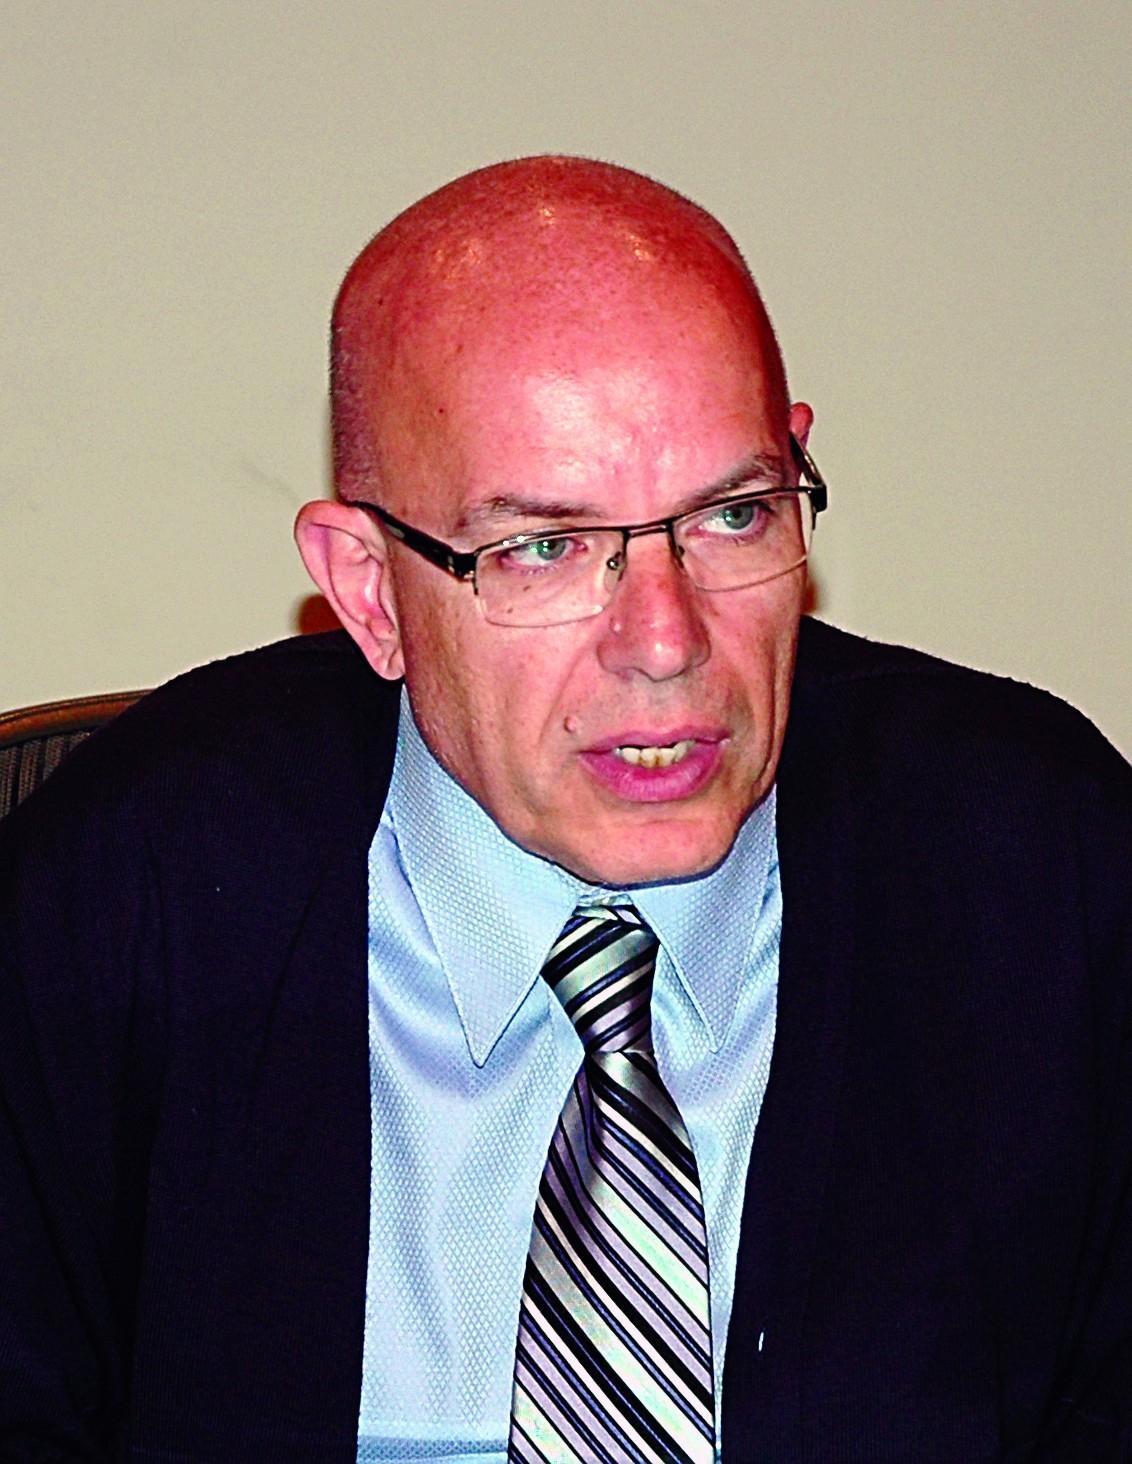 محمد قاسم: مصر لديها فرصة ذهبية لتوطين صناعة النسيج والصباغة بعد كورونا